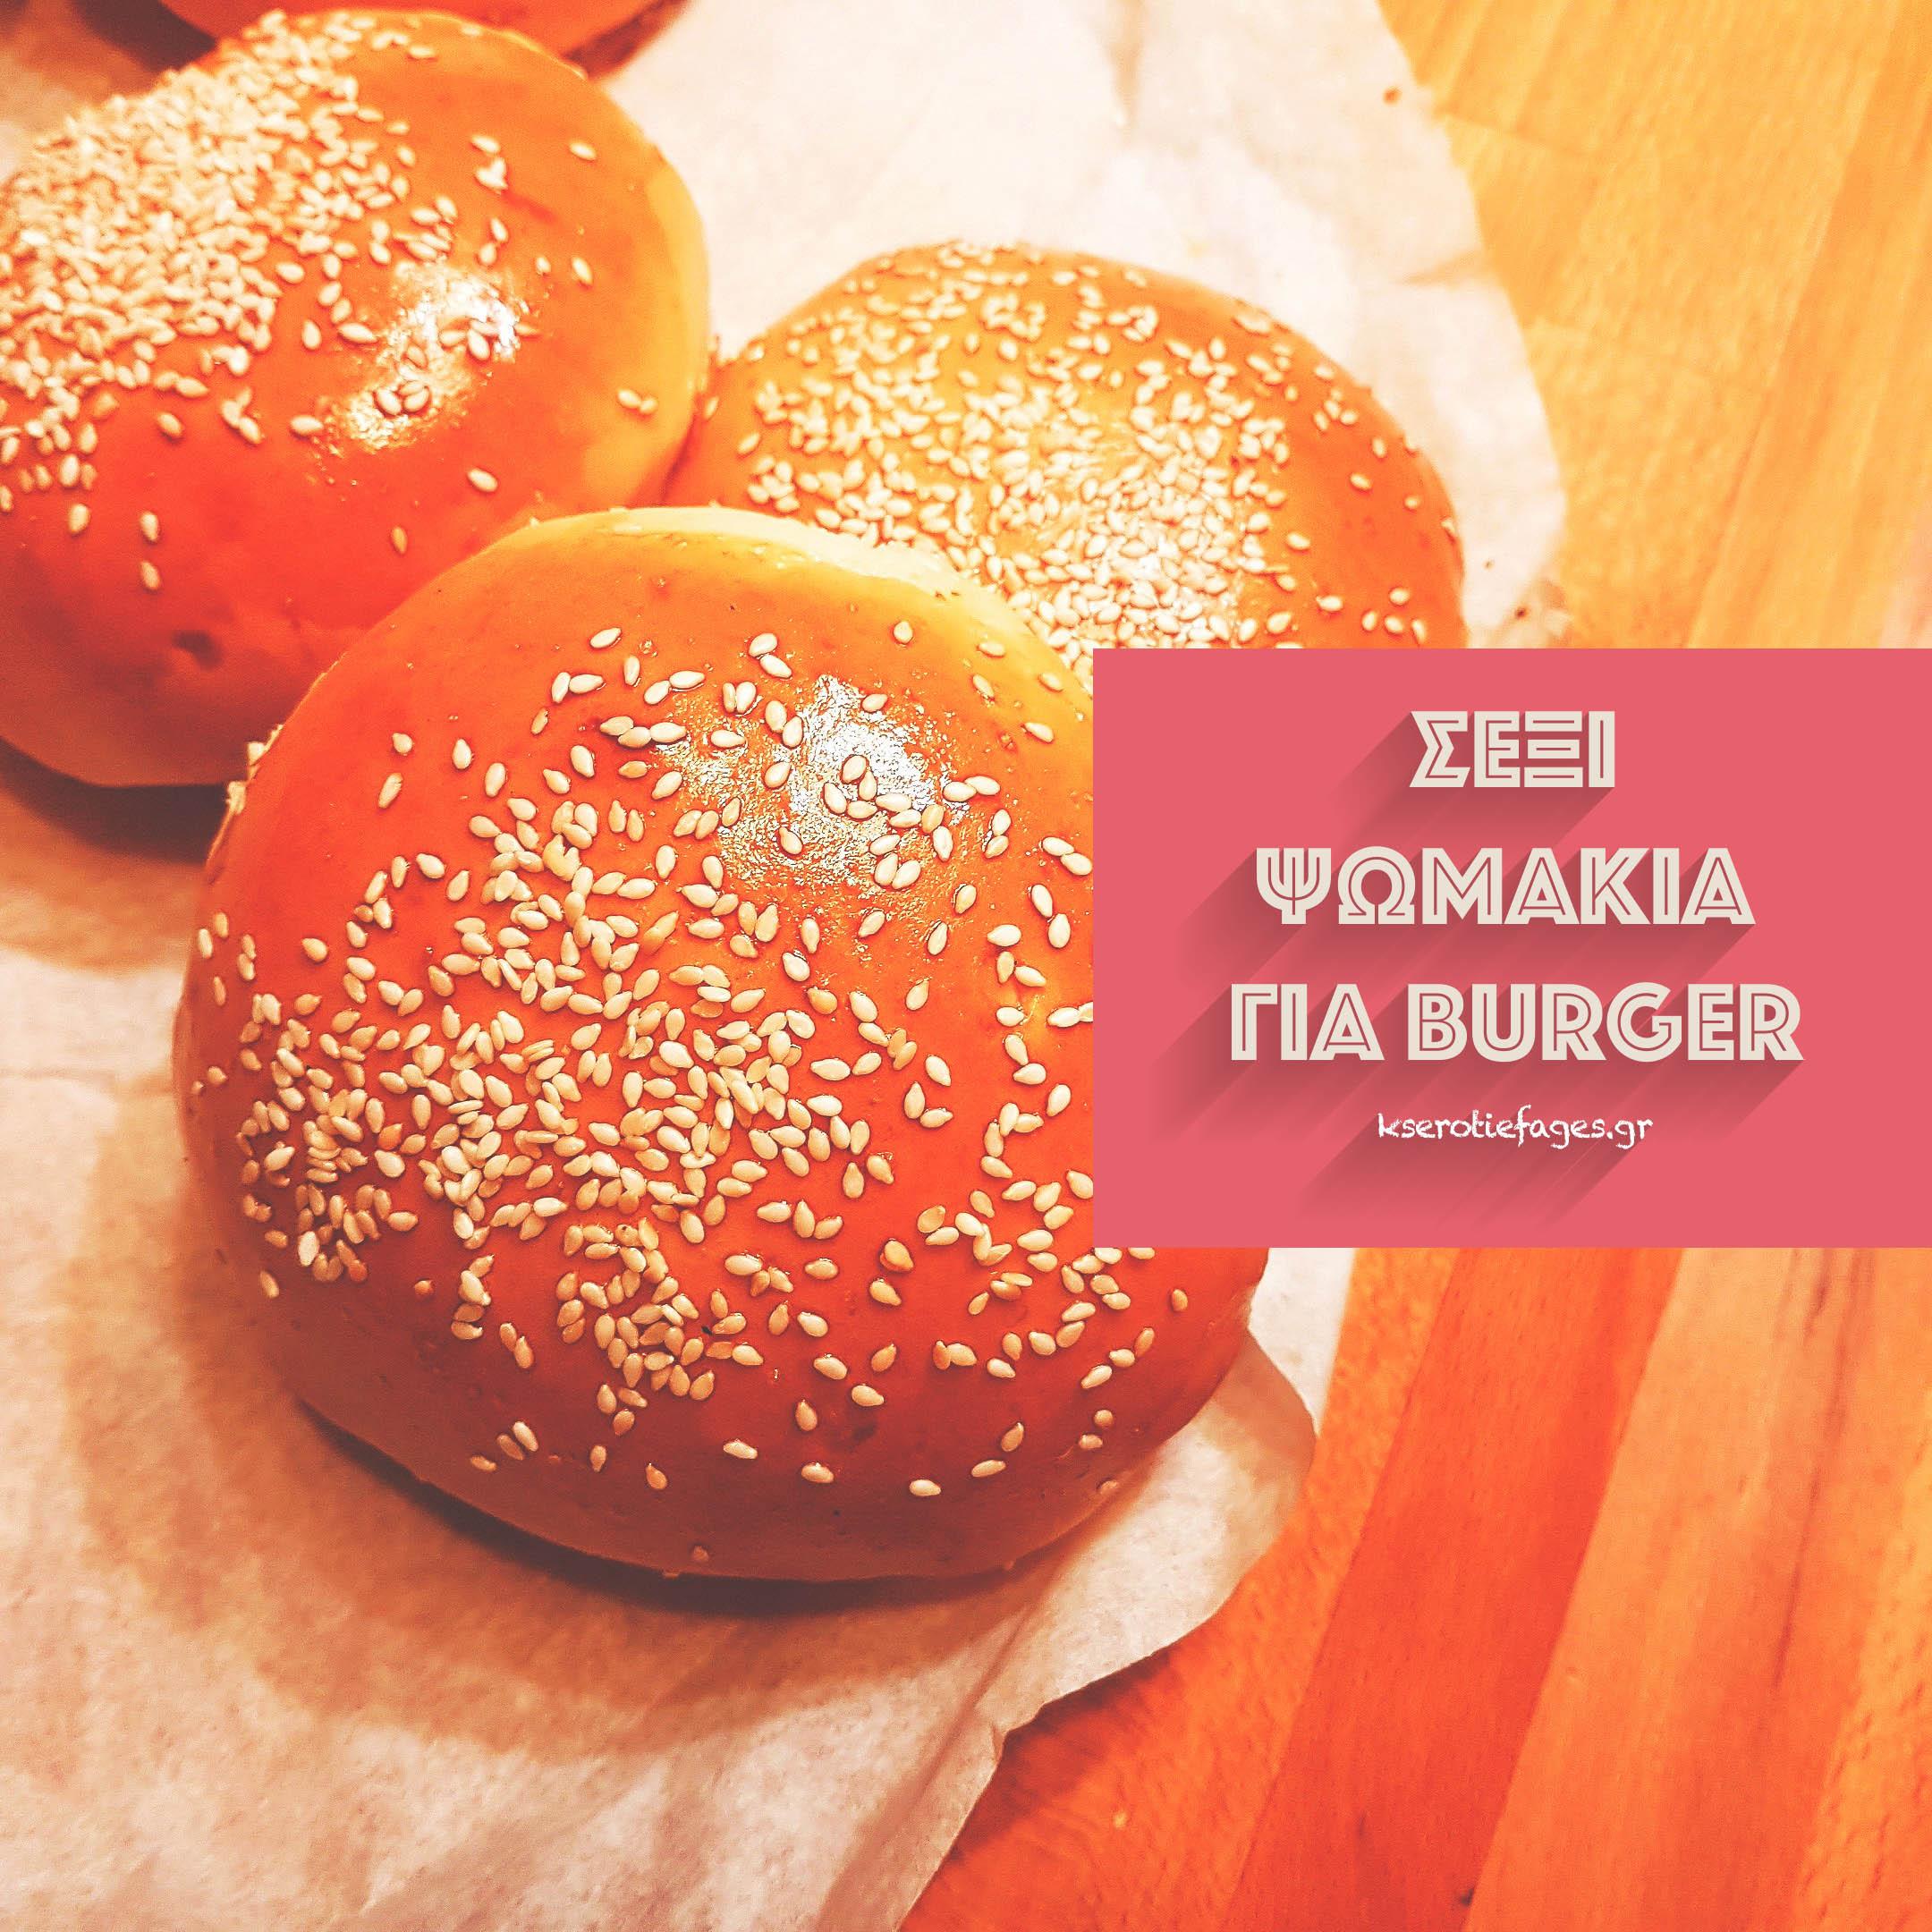 σέξι ψωμάκια για burger